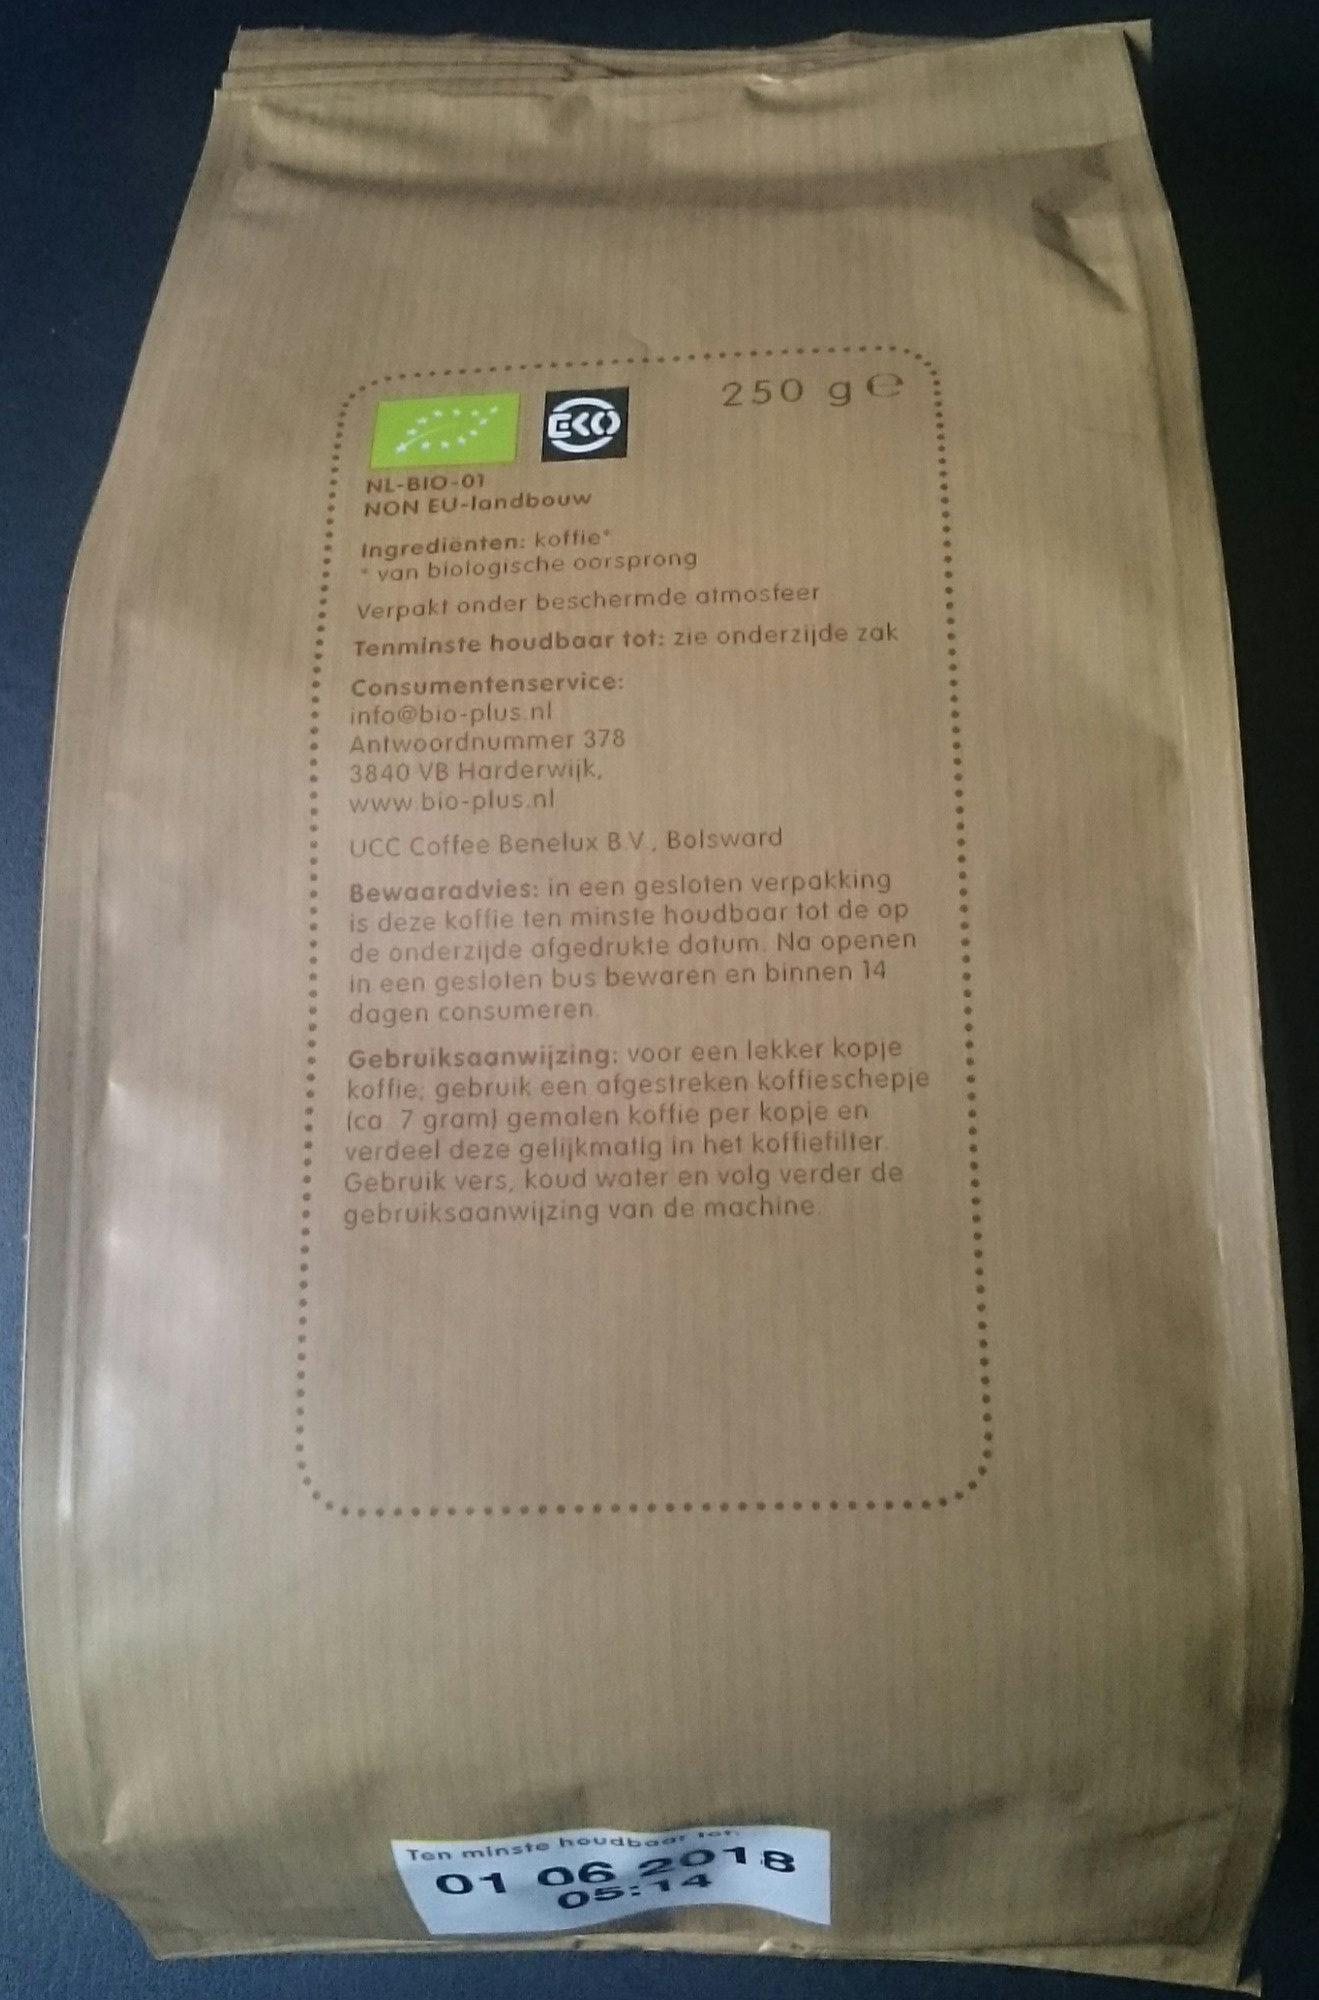 snelfiltermaling - Ingrediënten - nl